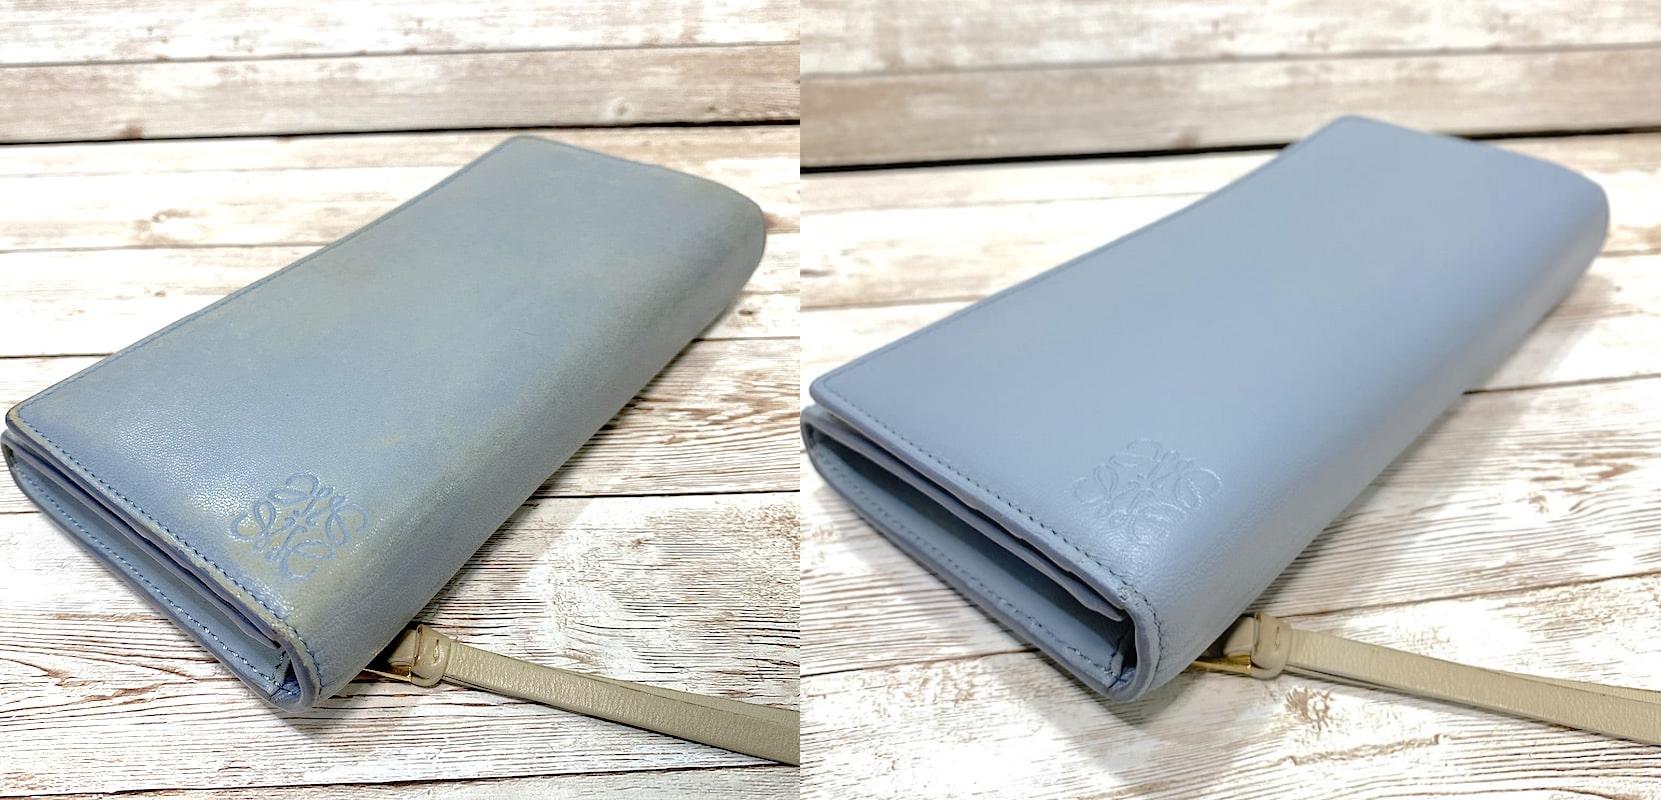 ロエベ(Loewe)のラウンド財布のカラーリング(色補修)をご紹介します。